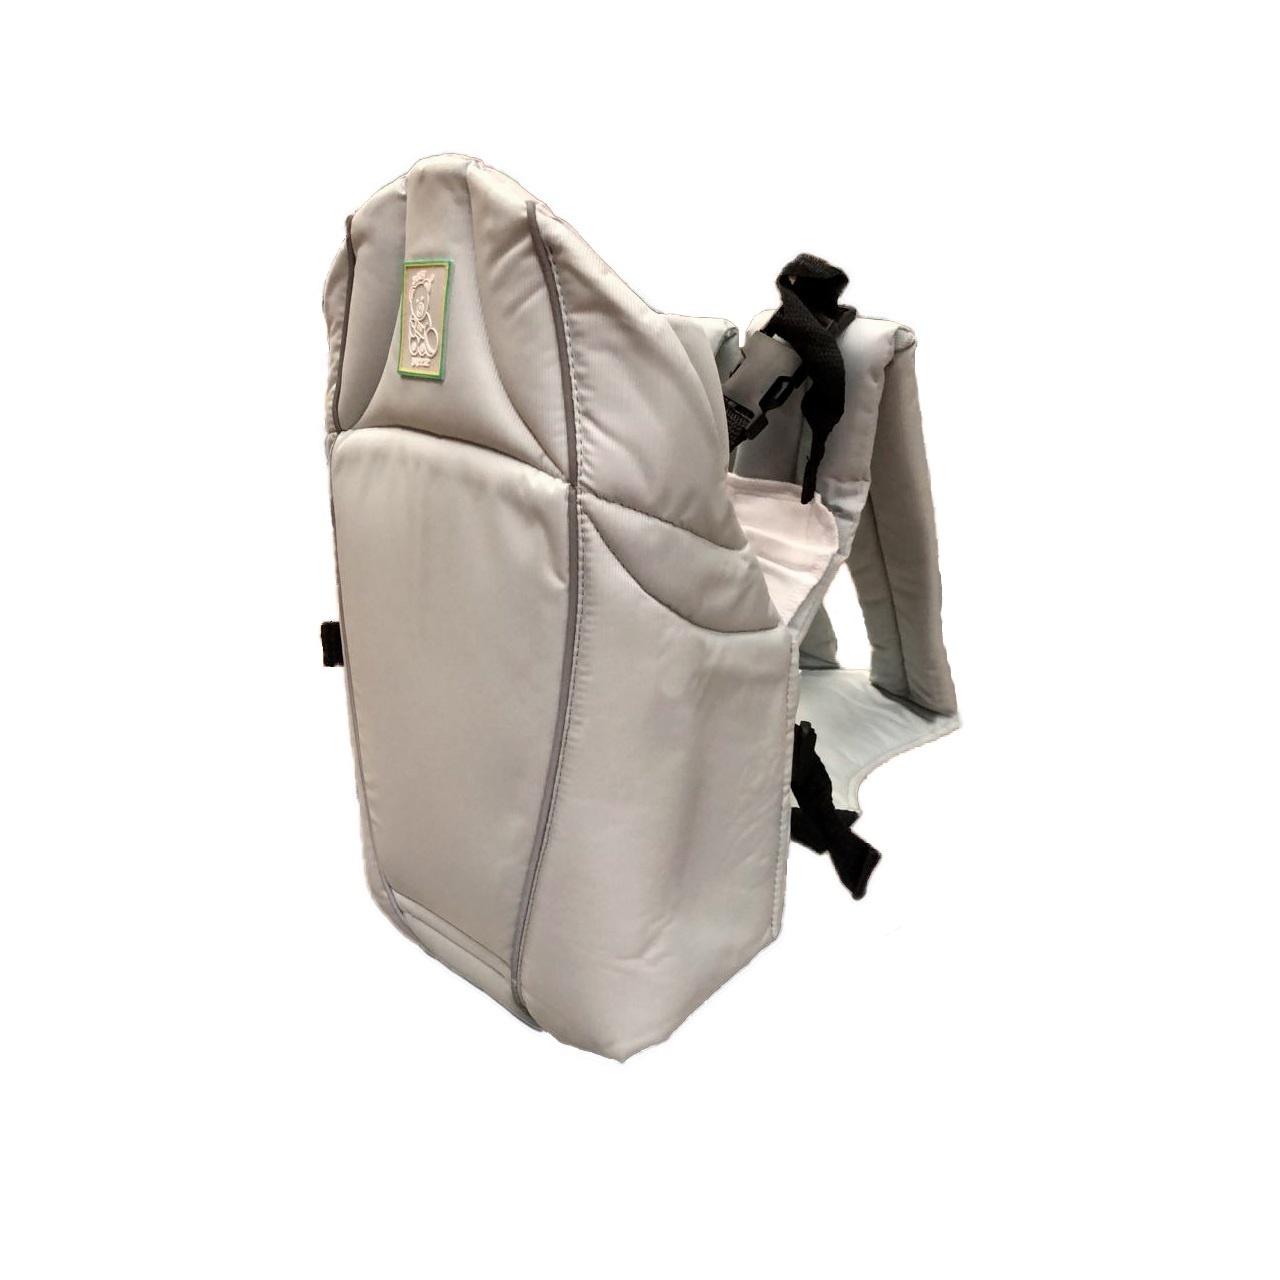 Рюкзак для переноски детей R Toys 30739